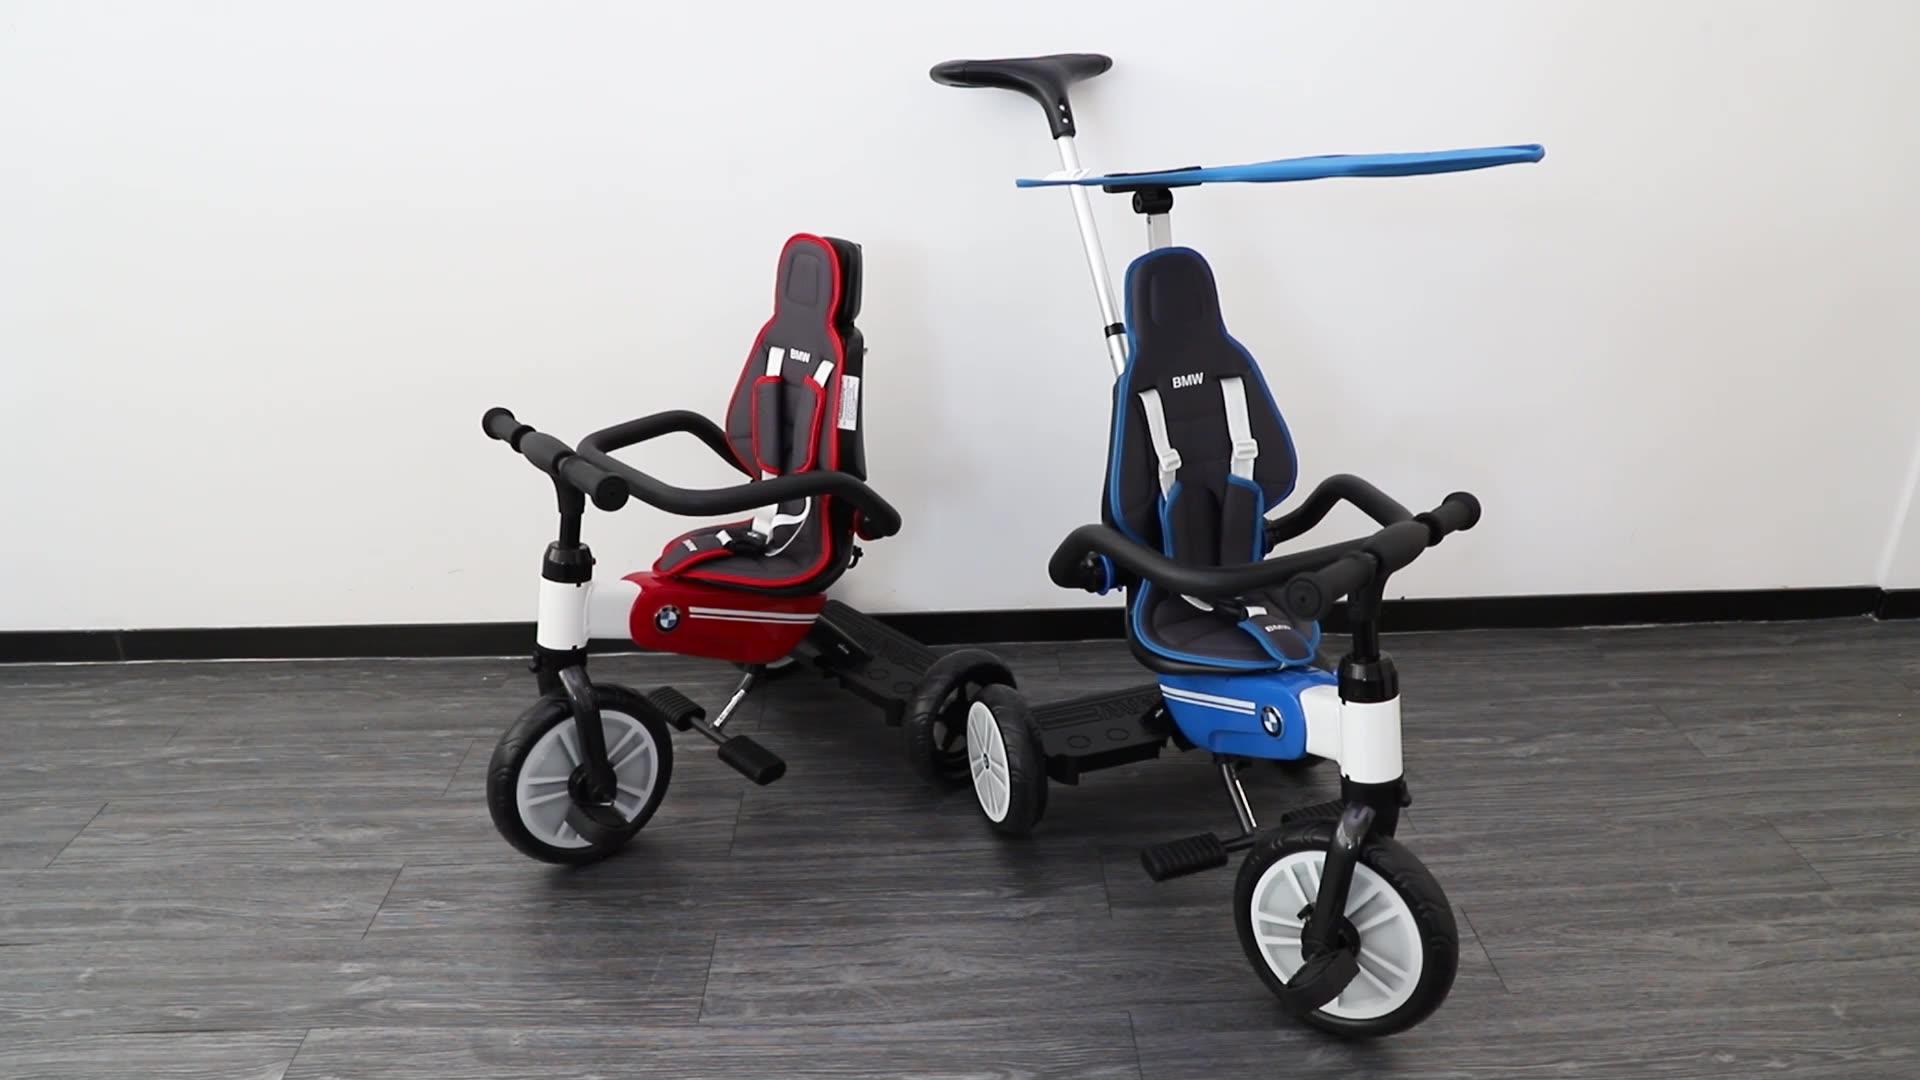 RASTAR सवारी खिलौना बीएमडब्ल्यू 3 के लिए पहिया डिजाइन बच्चों बच्चे तह tricycle बच्चों